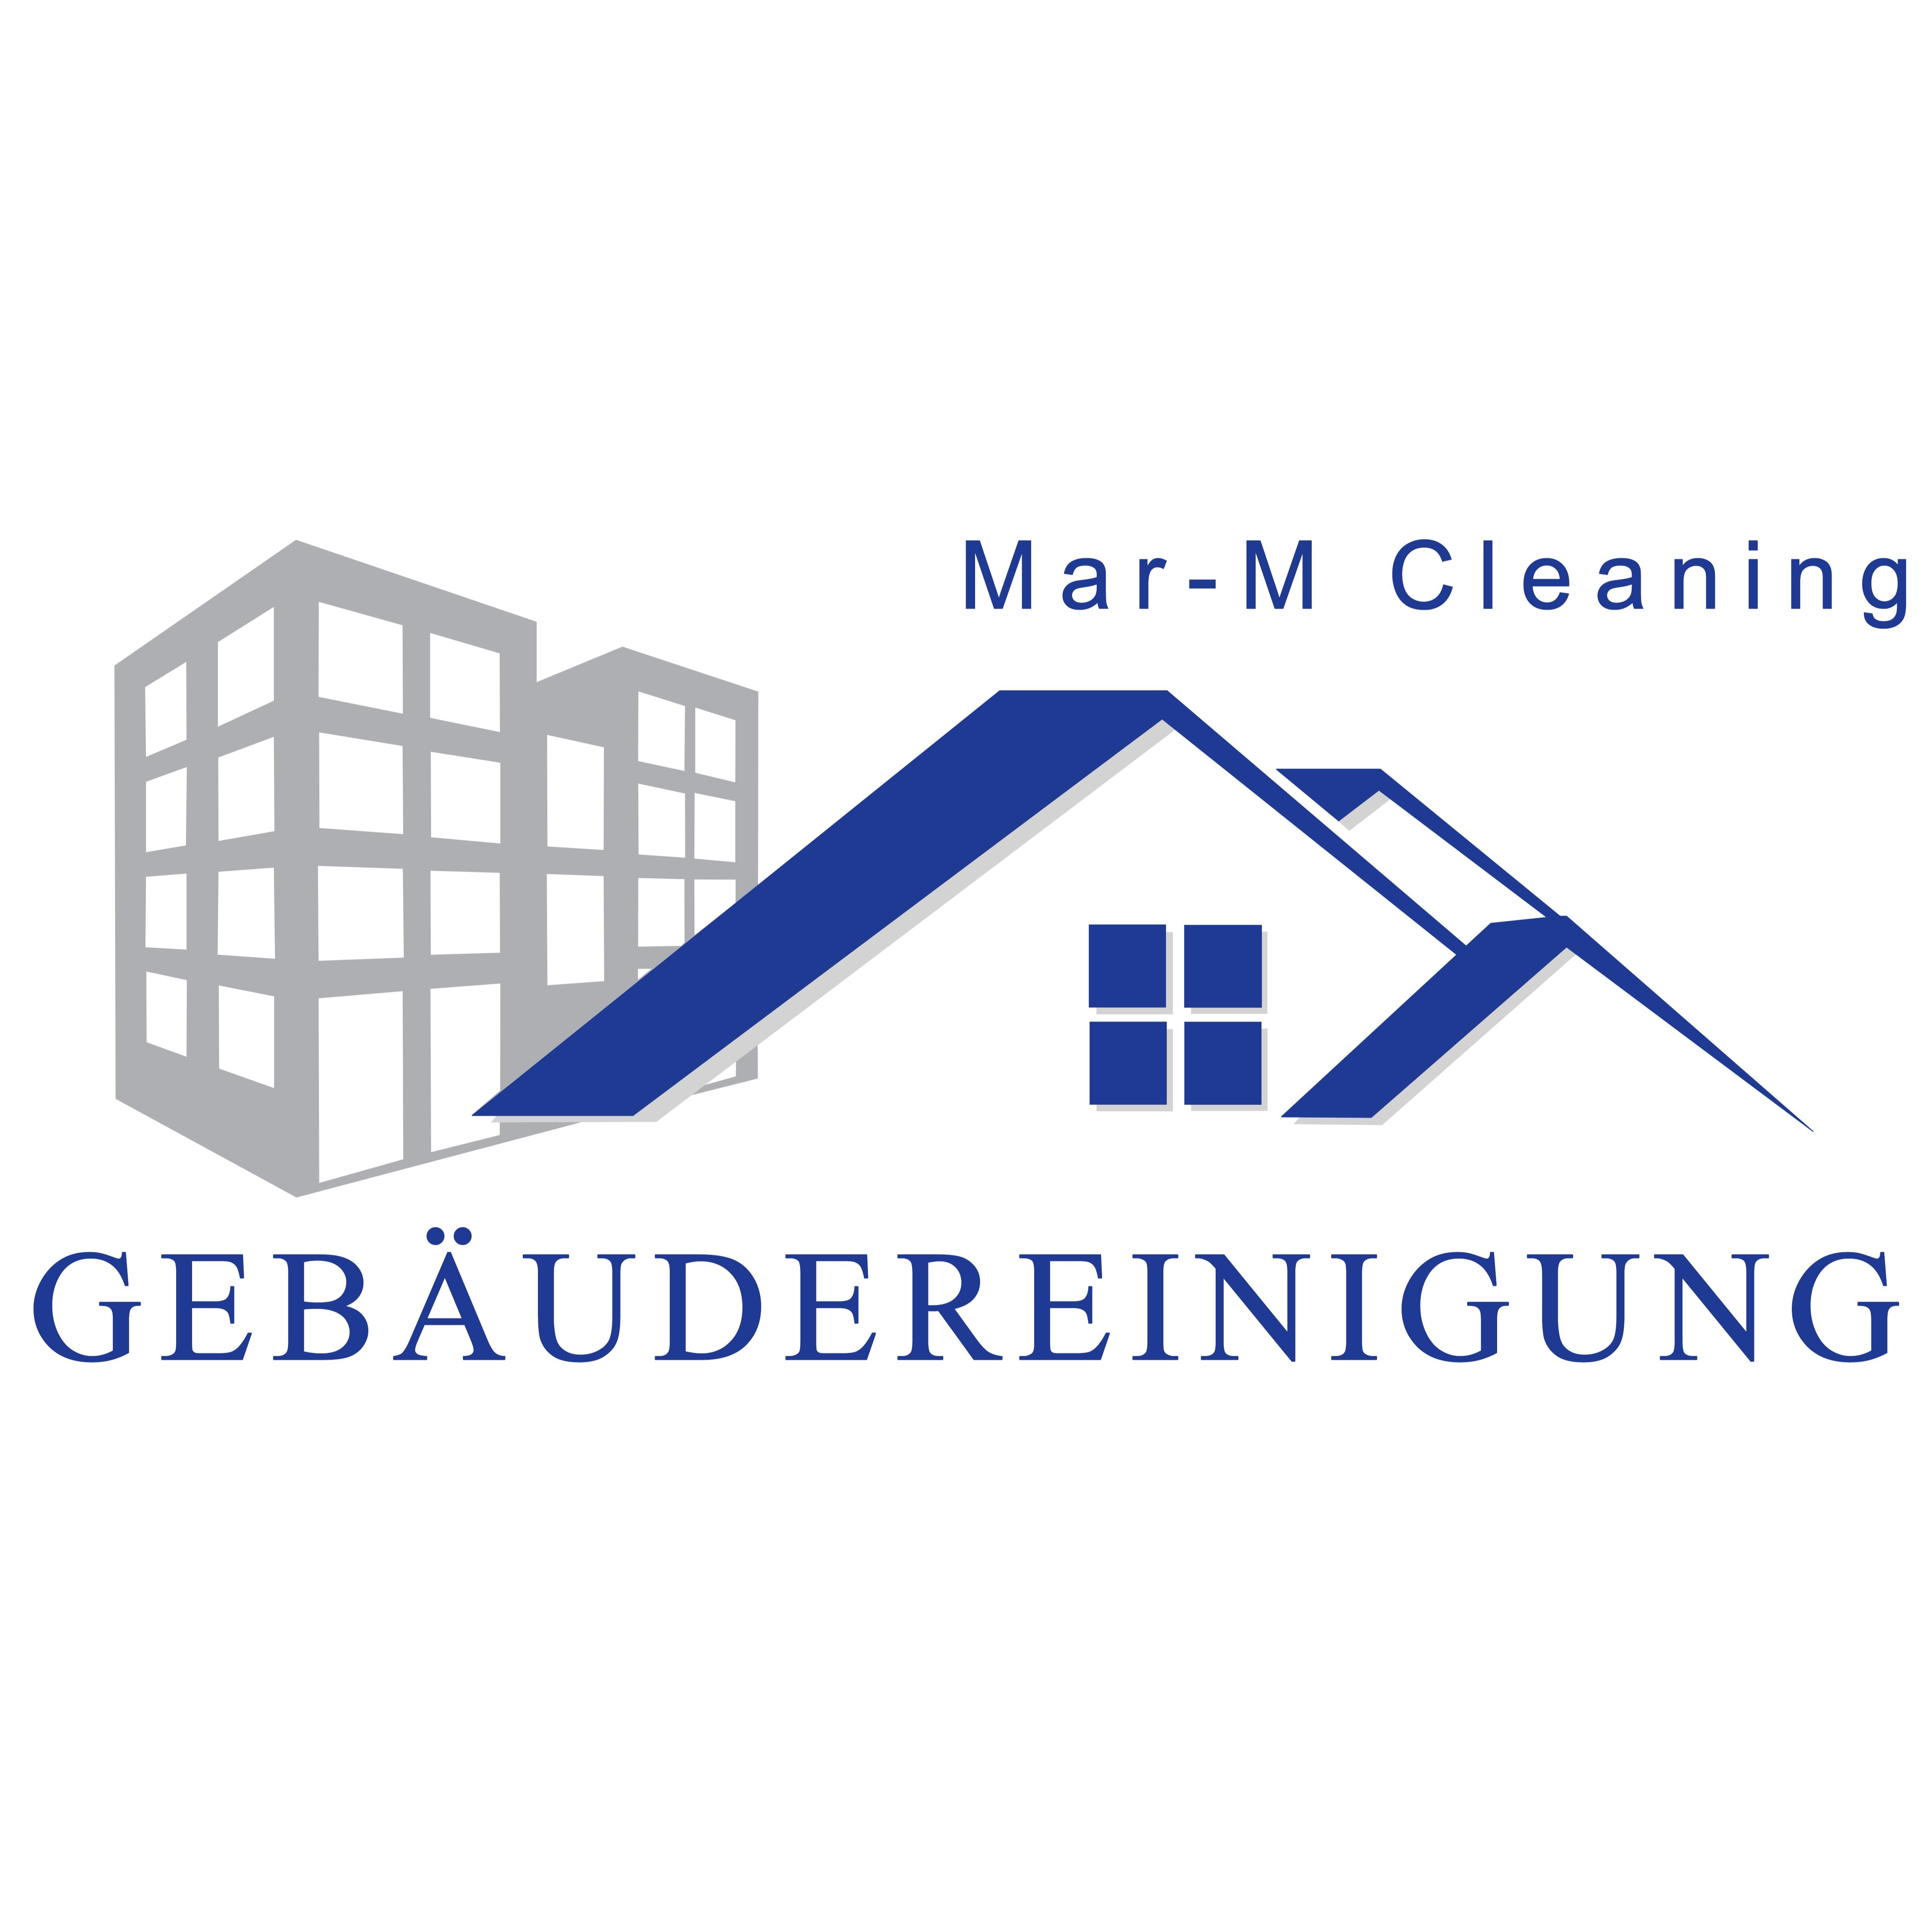 Bild zu Mar-M Cleaning in Feldkirchen Westerham